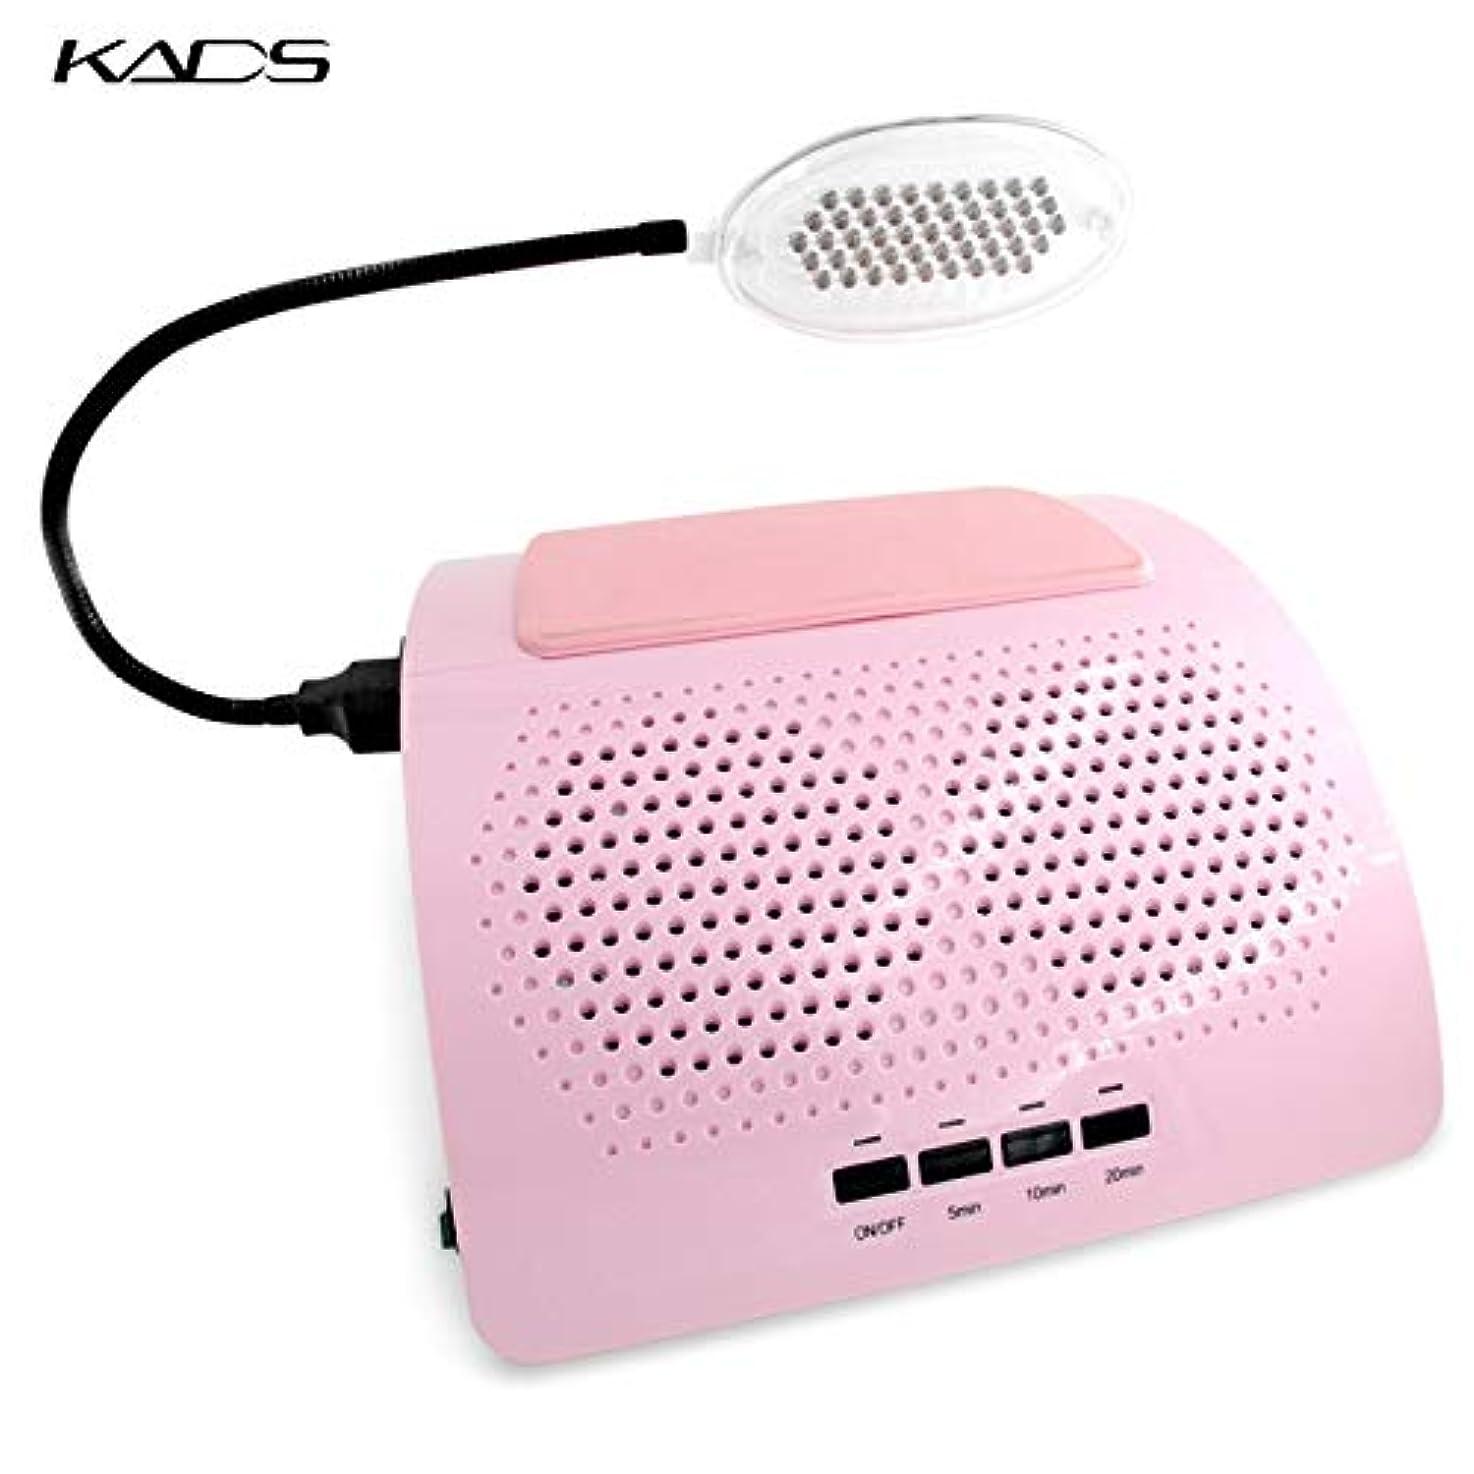 りフェンス教KADS 40W ネイルダスト集塵機 2つのファン LEDライト付き ネイルダストコレクター 低騒音/ワンボタン設定 電動ネイルダストクリーナー 電動ネイル集塵機 ネイルケア用 ネイルアート道具